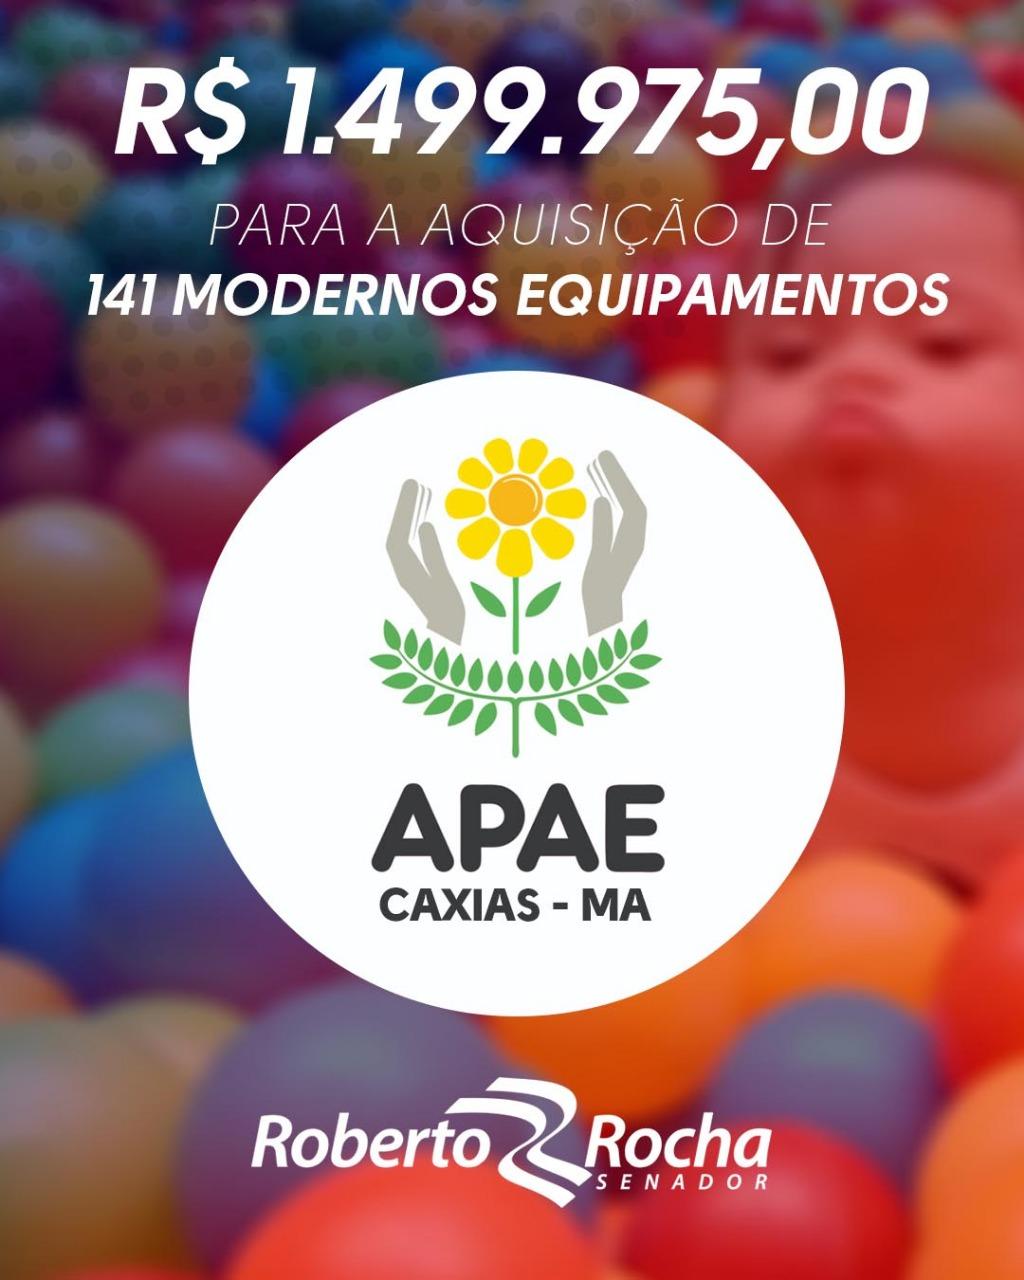 apae Caxias